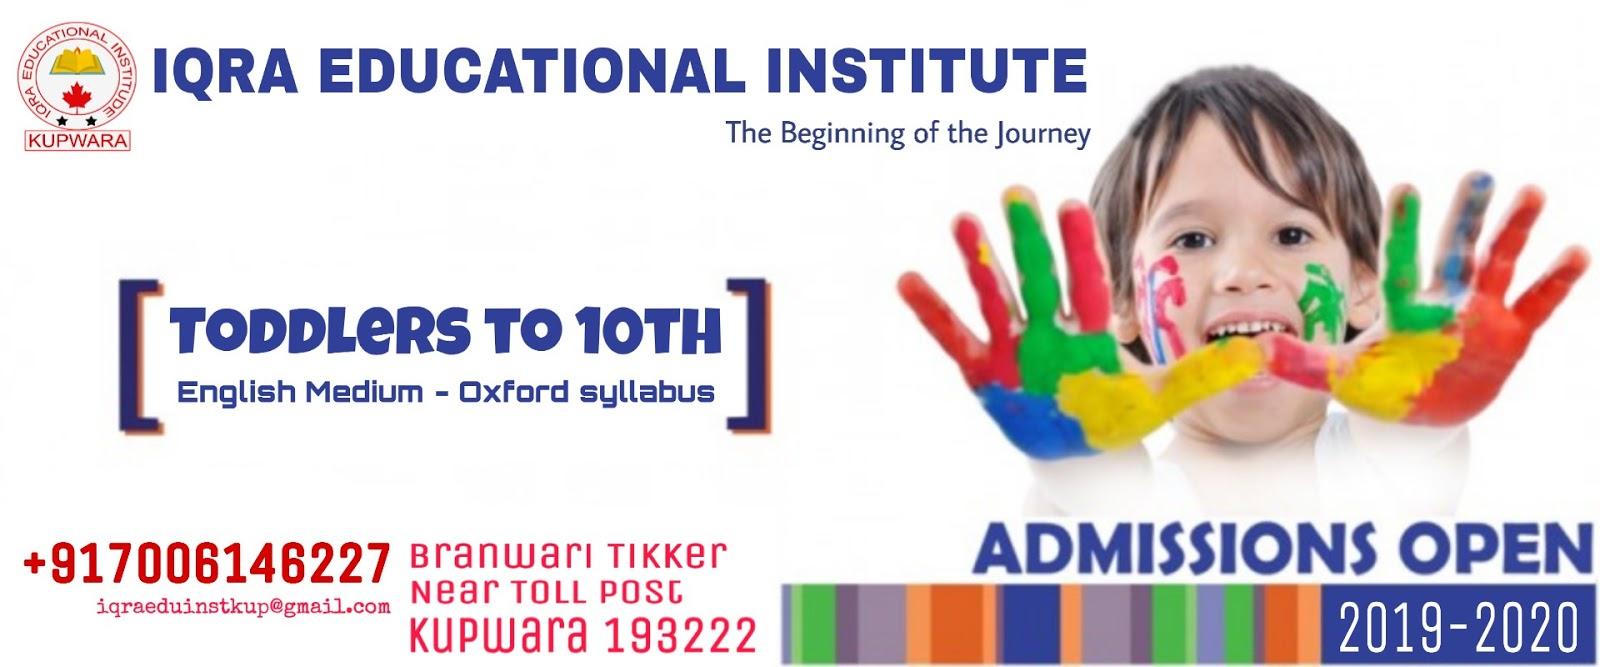 Iqra Educational Institute Kupwara